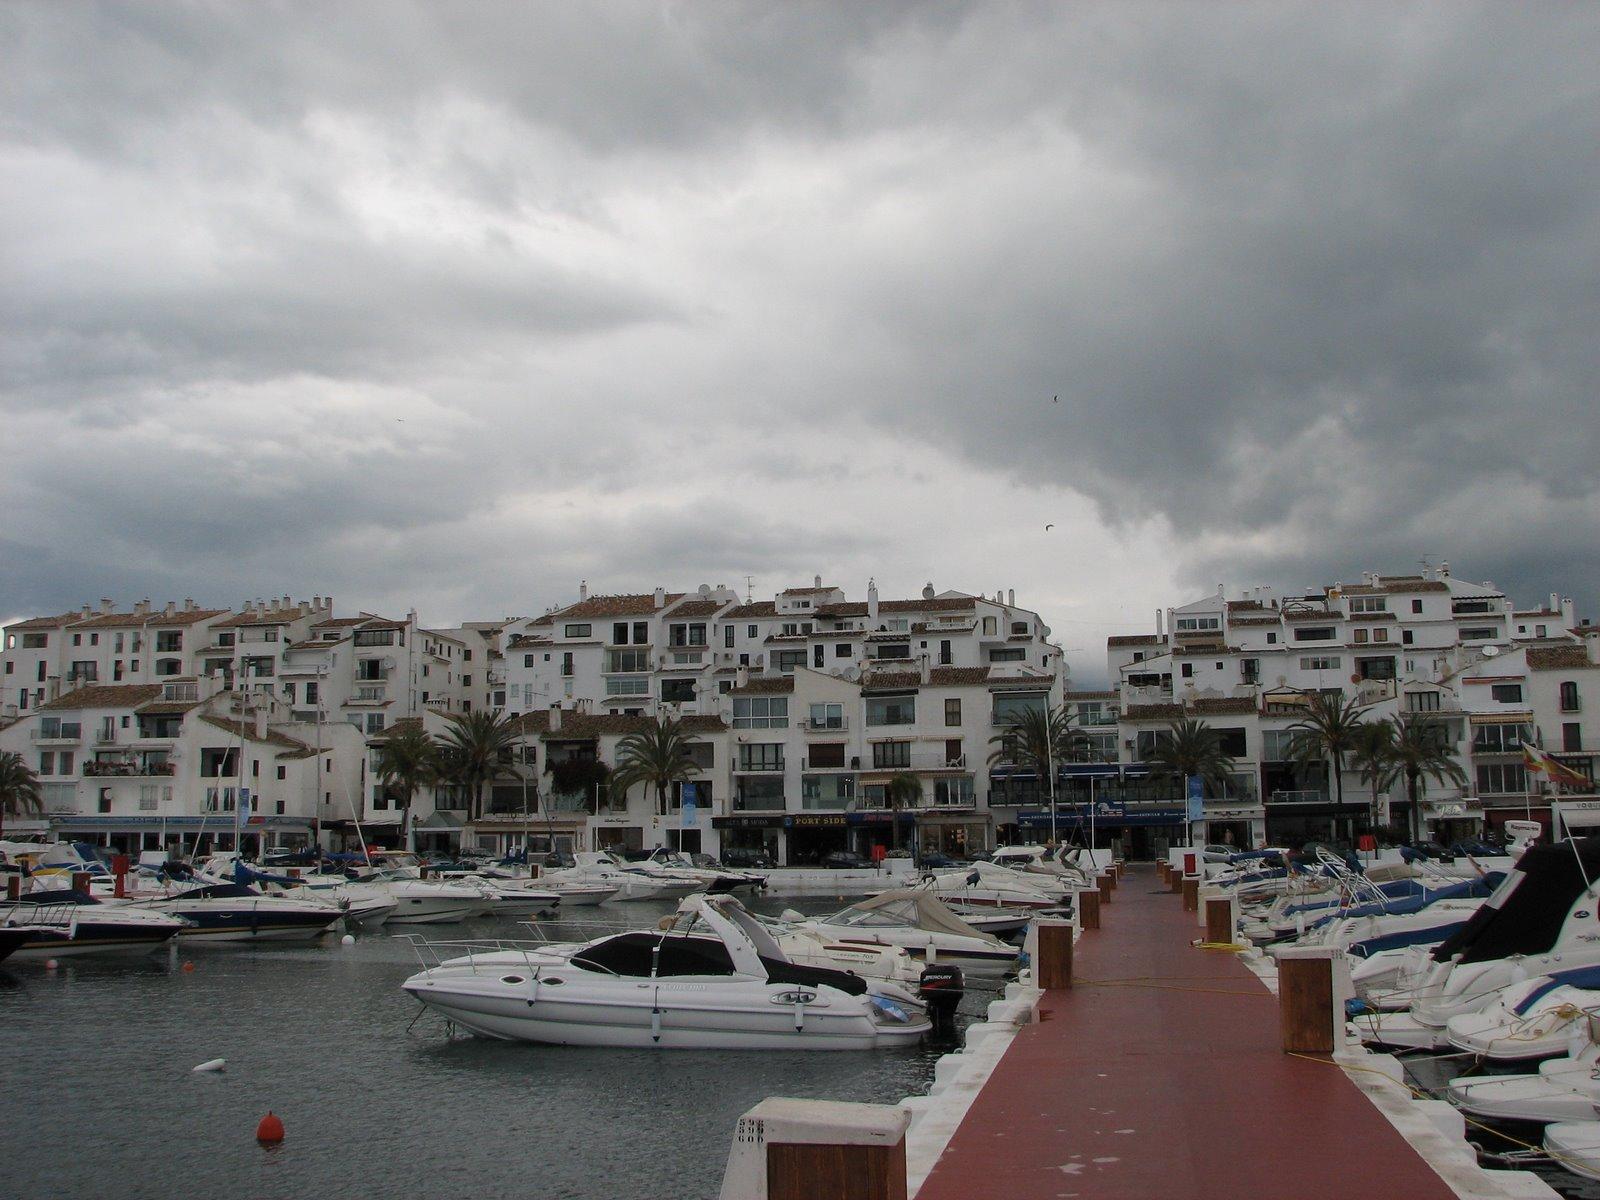 Marbella, Spain - http://en.wikipedia.org/wiki/Marbella